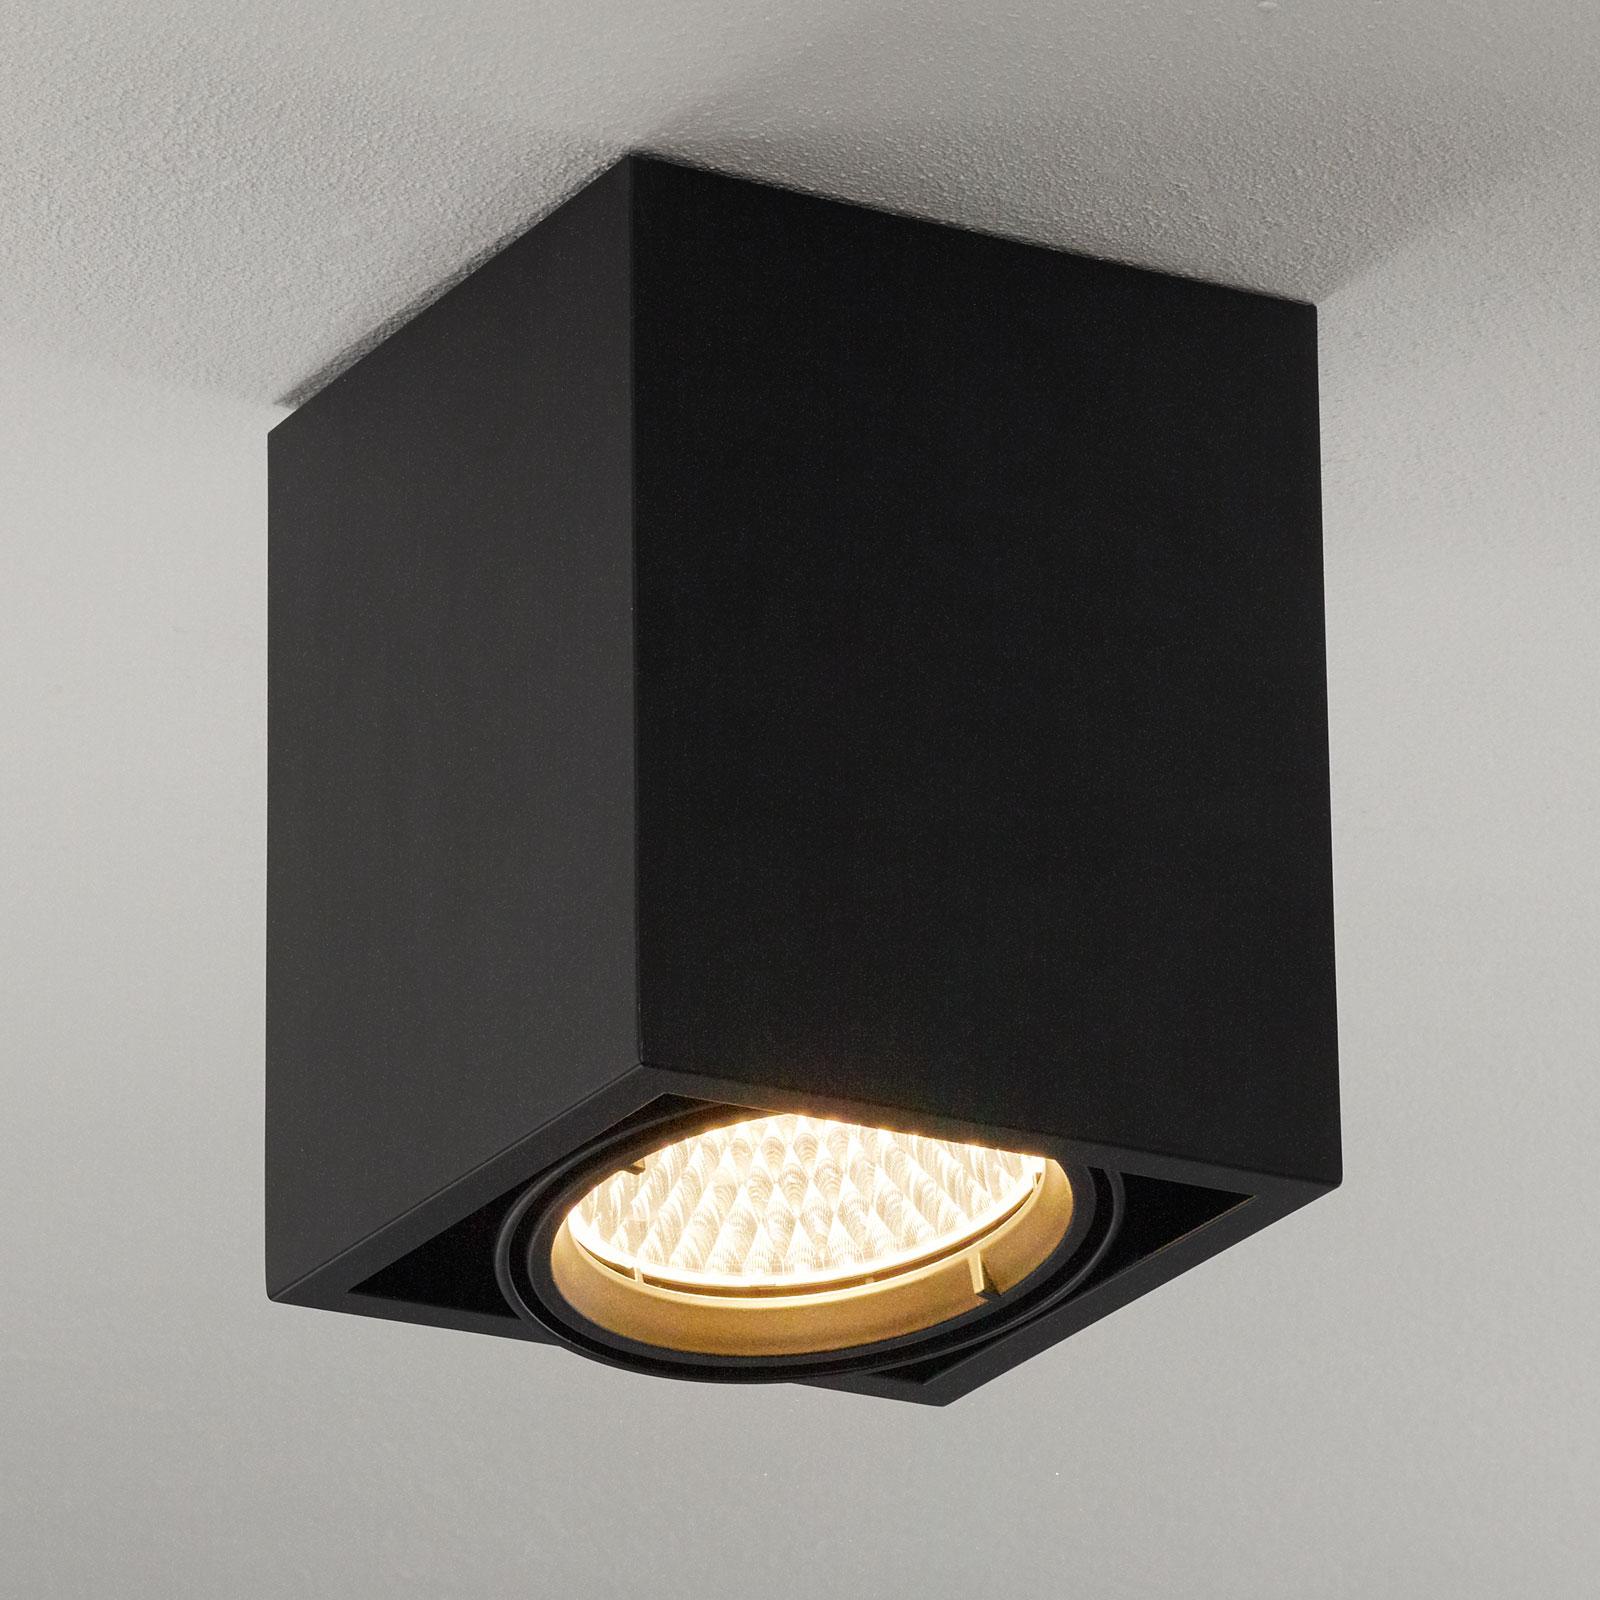 Arcchio Cirdan LED plafondlamp 1-lamp zwart